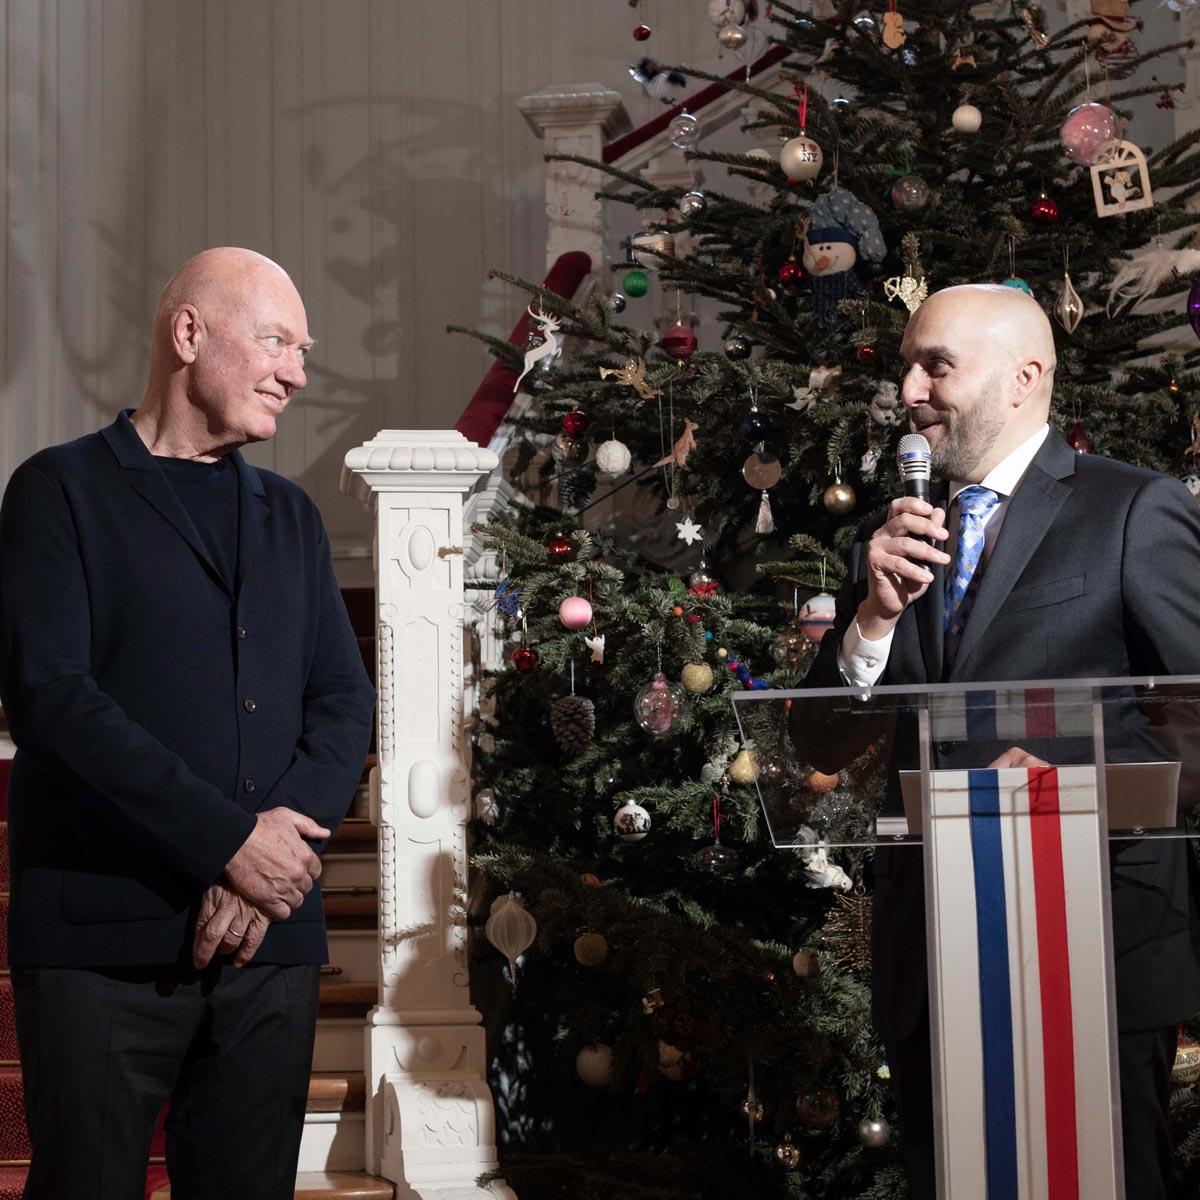 La Cote des Montres : Photo - Jean-Claude Biver est décoré de la Légion d'honneur